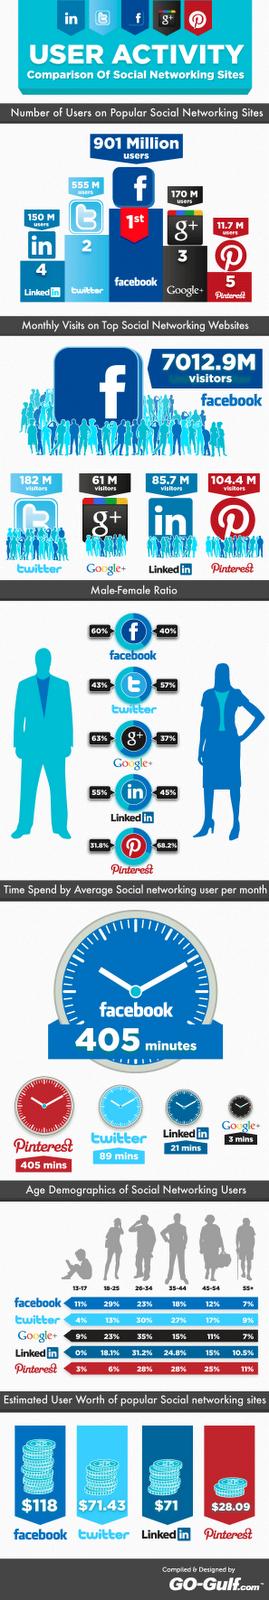 Comparación de la Actividad de Usuario en los Sitios Conectados a las  Redes Sociales